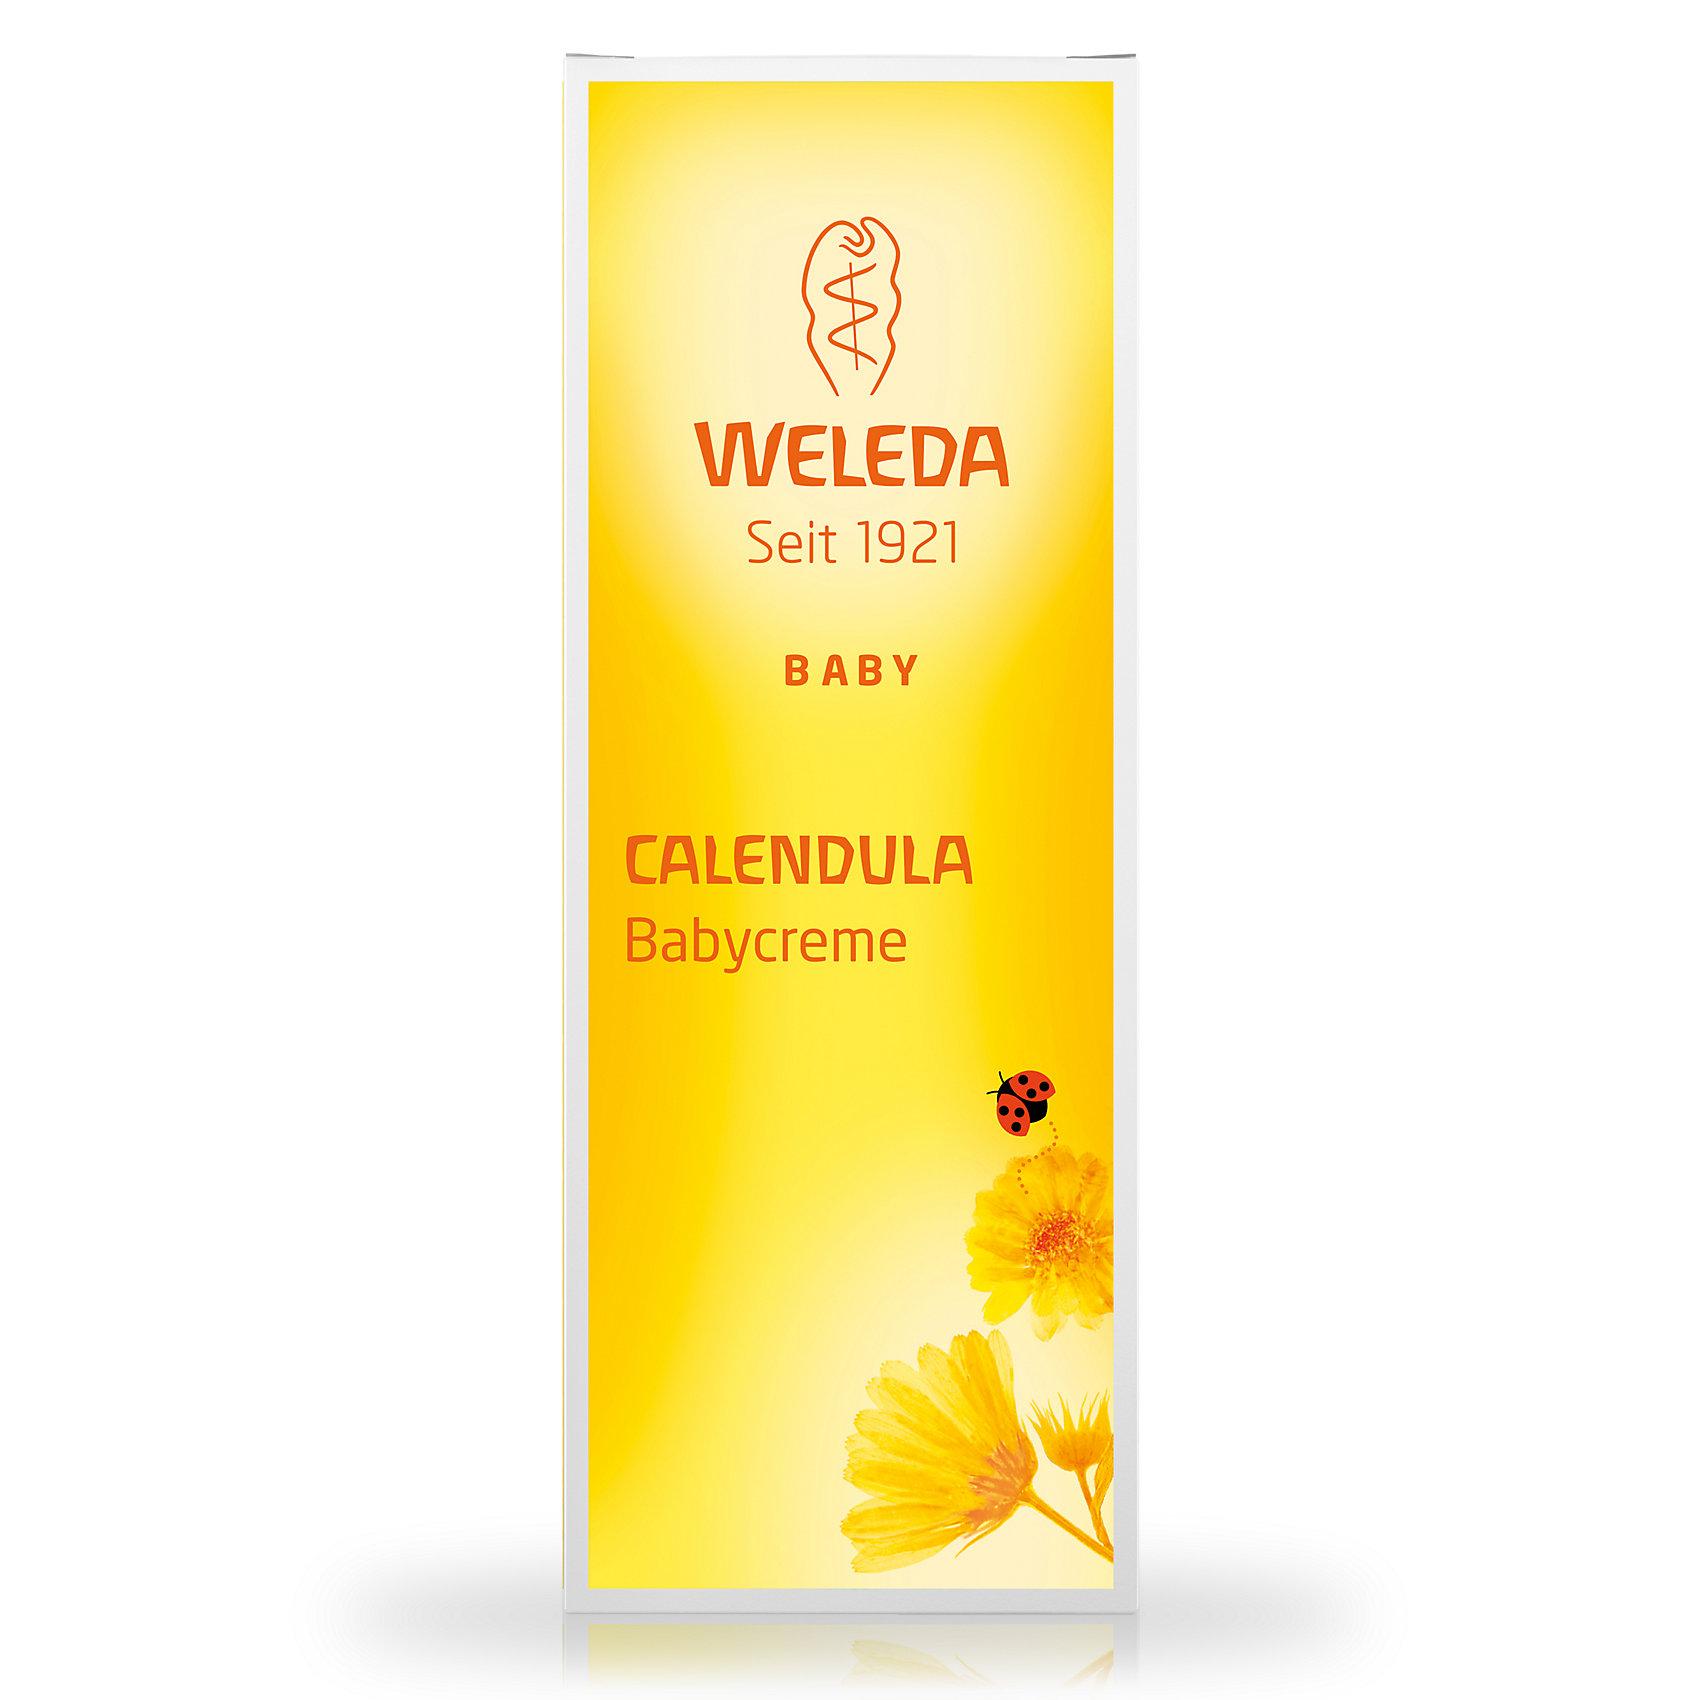 Крем для младенцев с календулой для защиты кожи в области пеленания, 75 мл., Weleda (-)